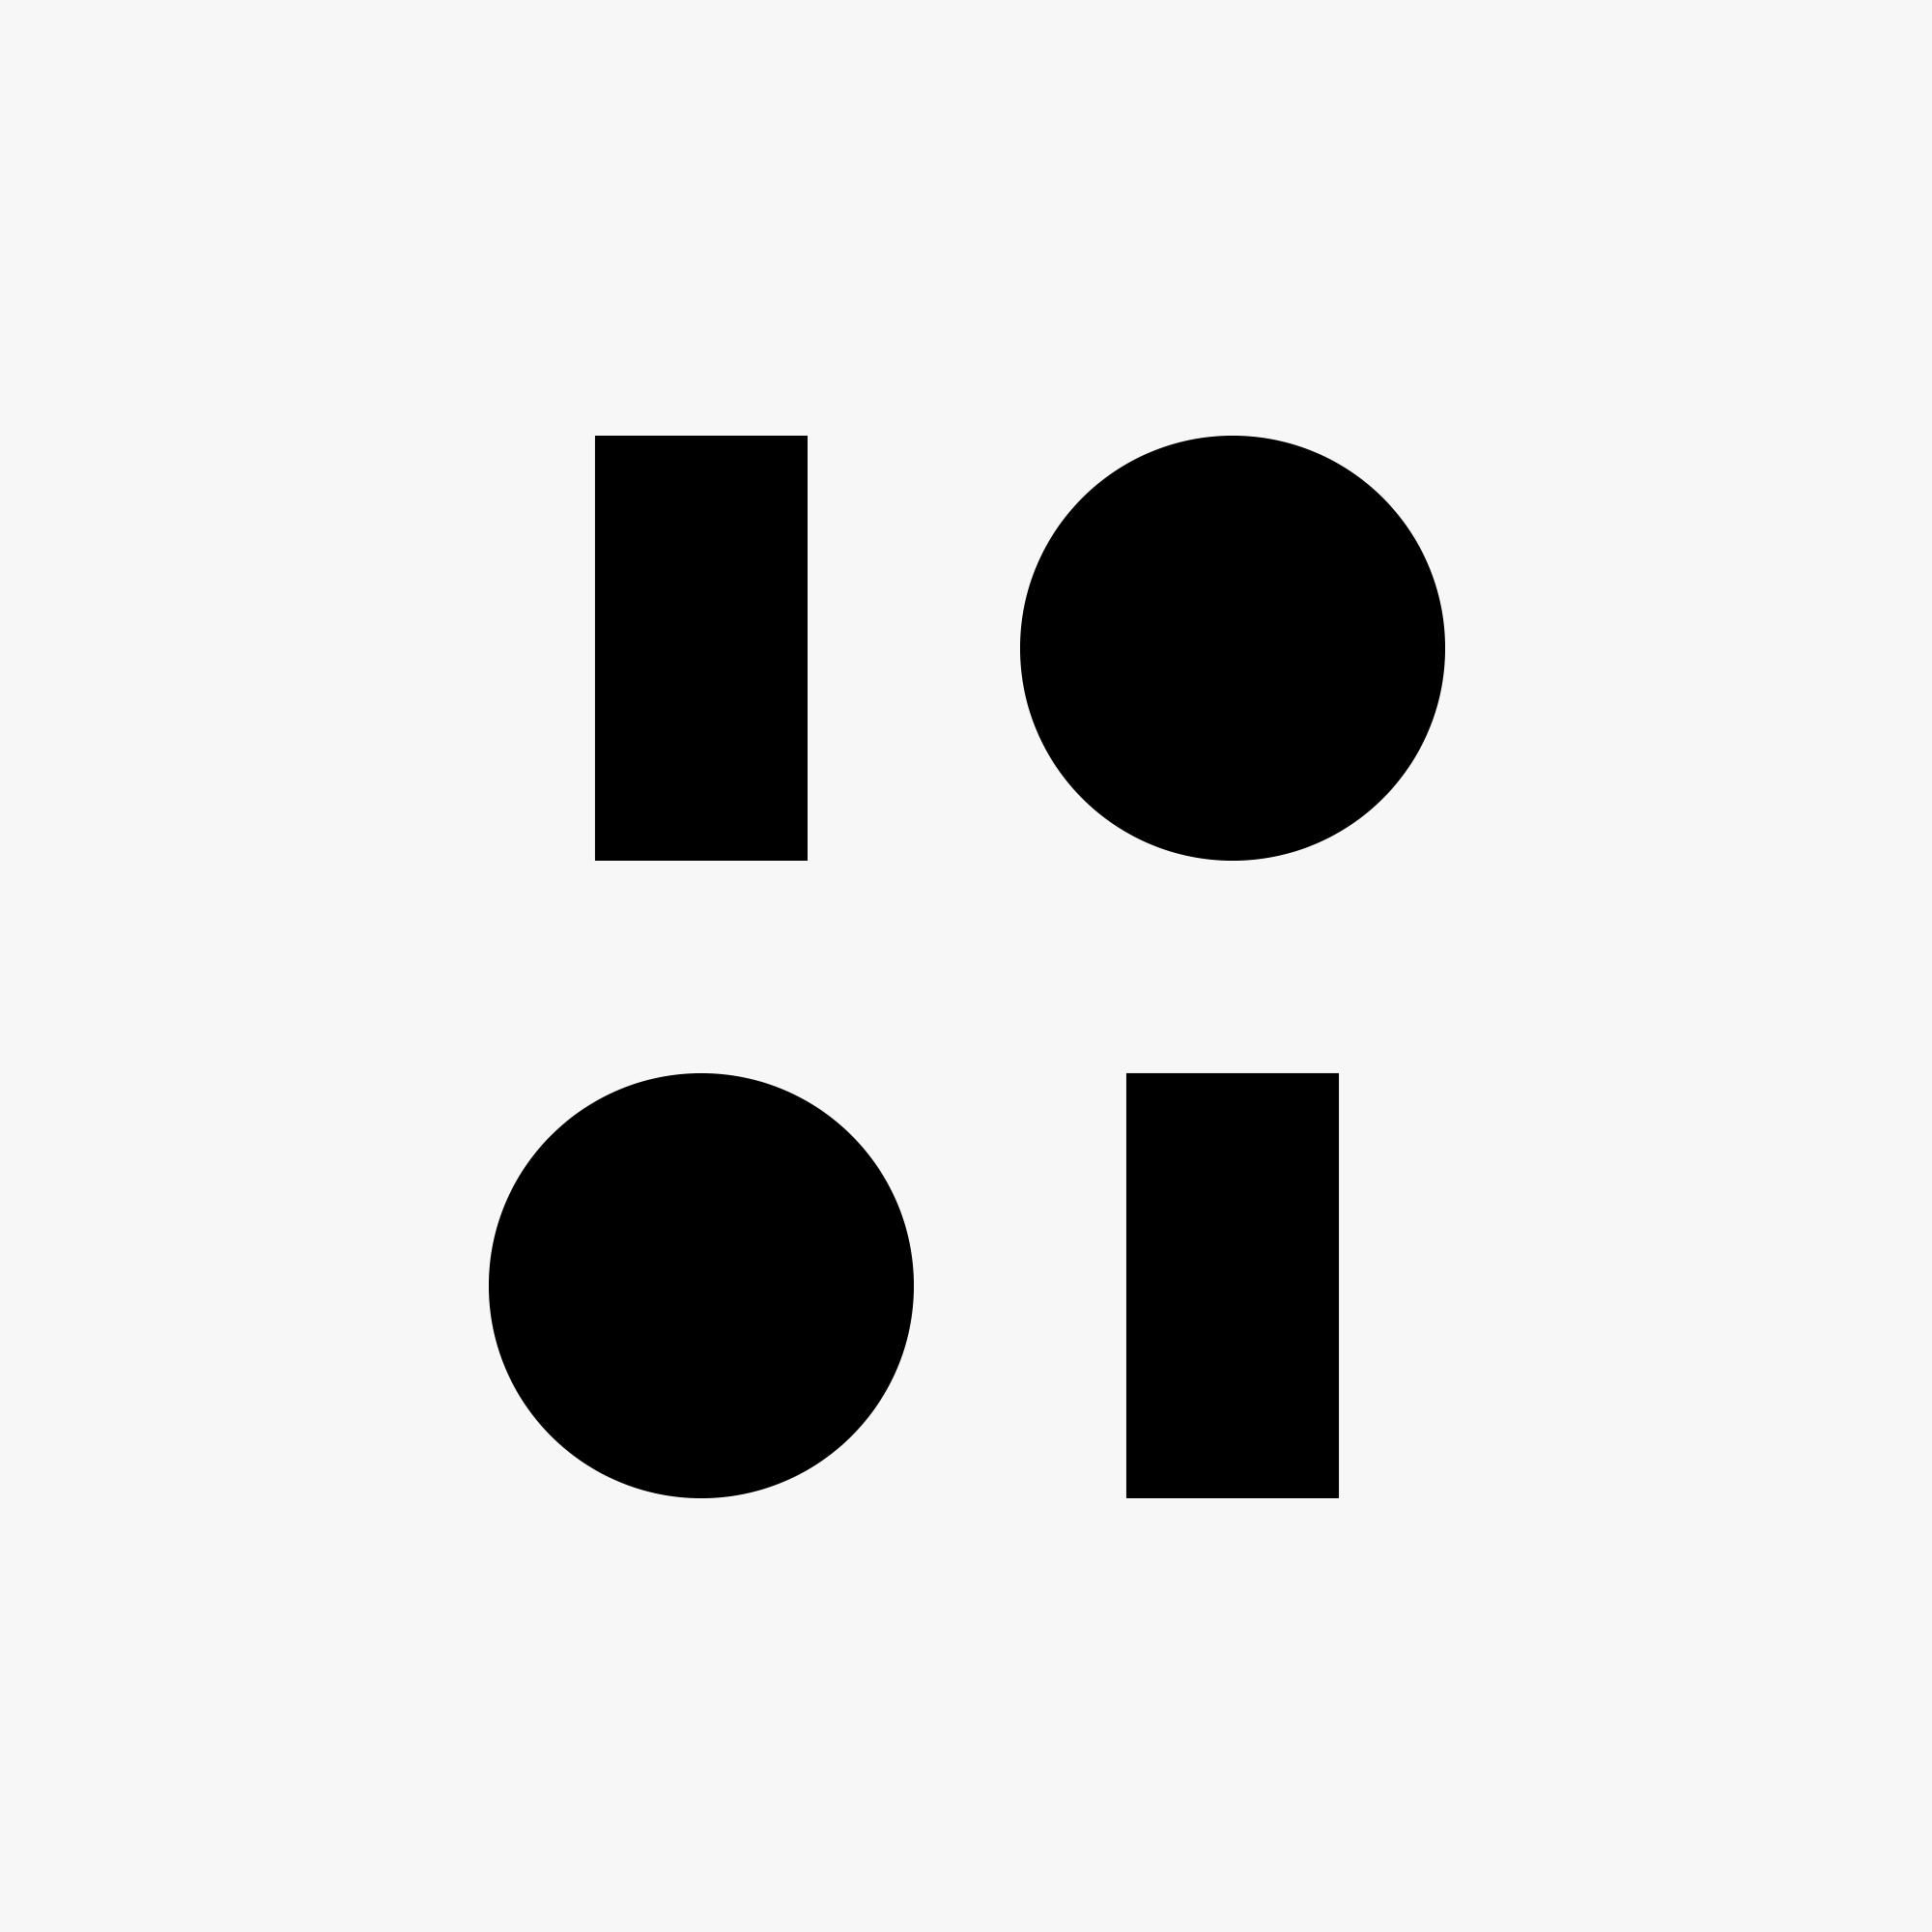 pauldersidan_1001_logo_1.jpg